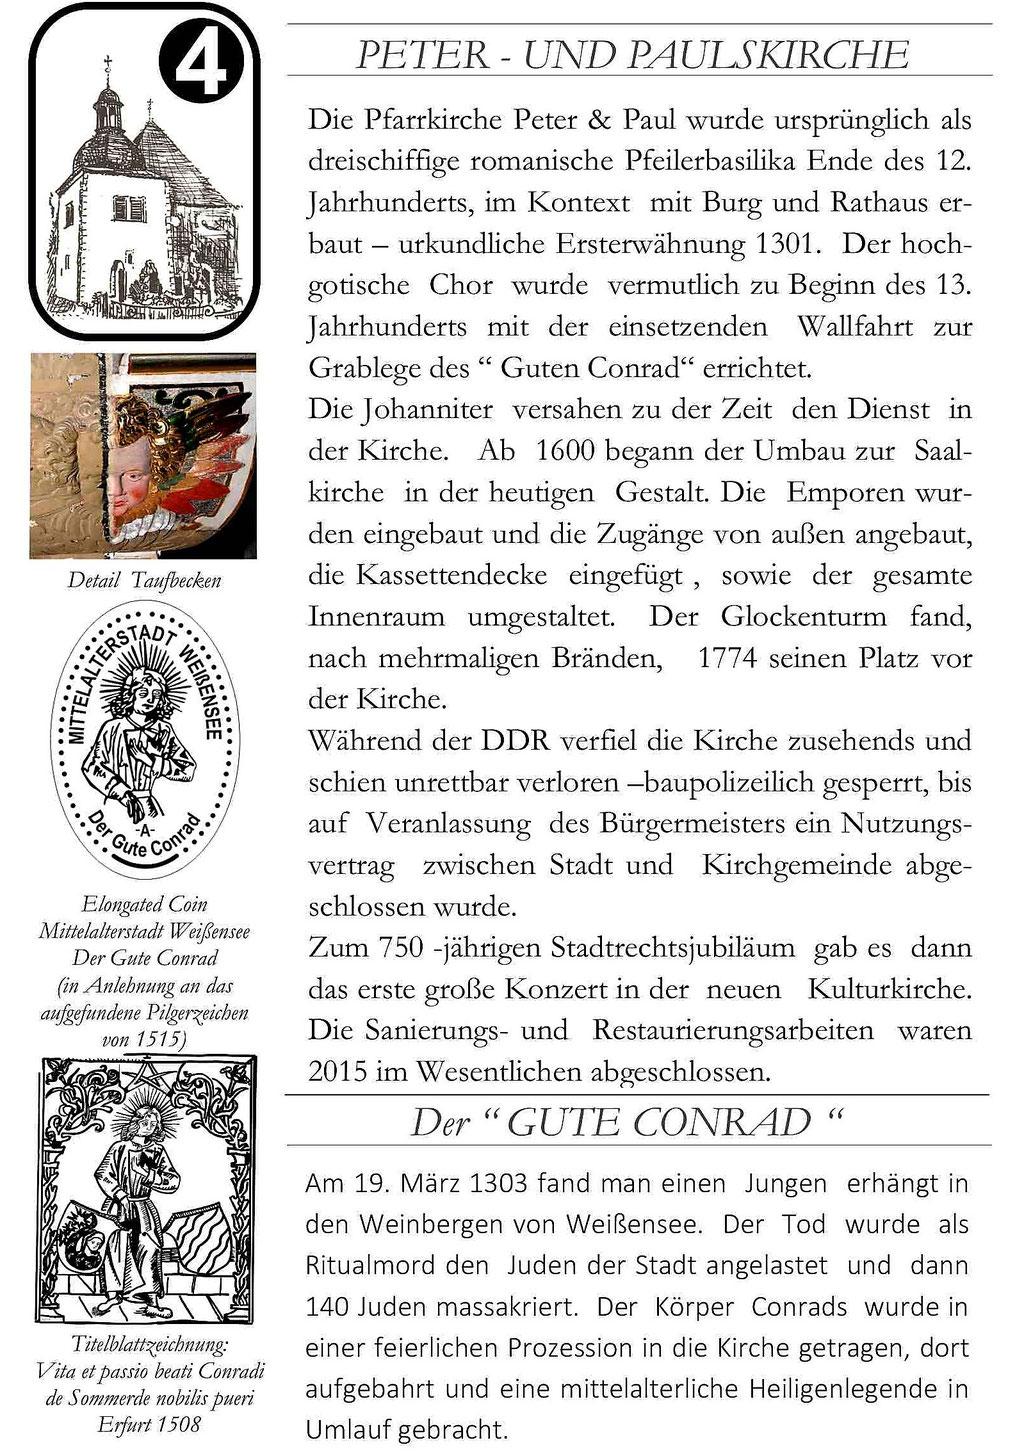 Stadtkirche, Der Gute Conrad und Maria mit dem Barte - Texte und Bilder